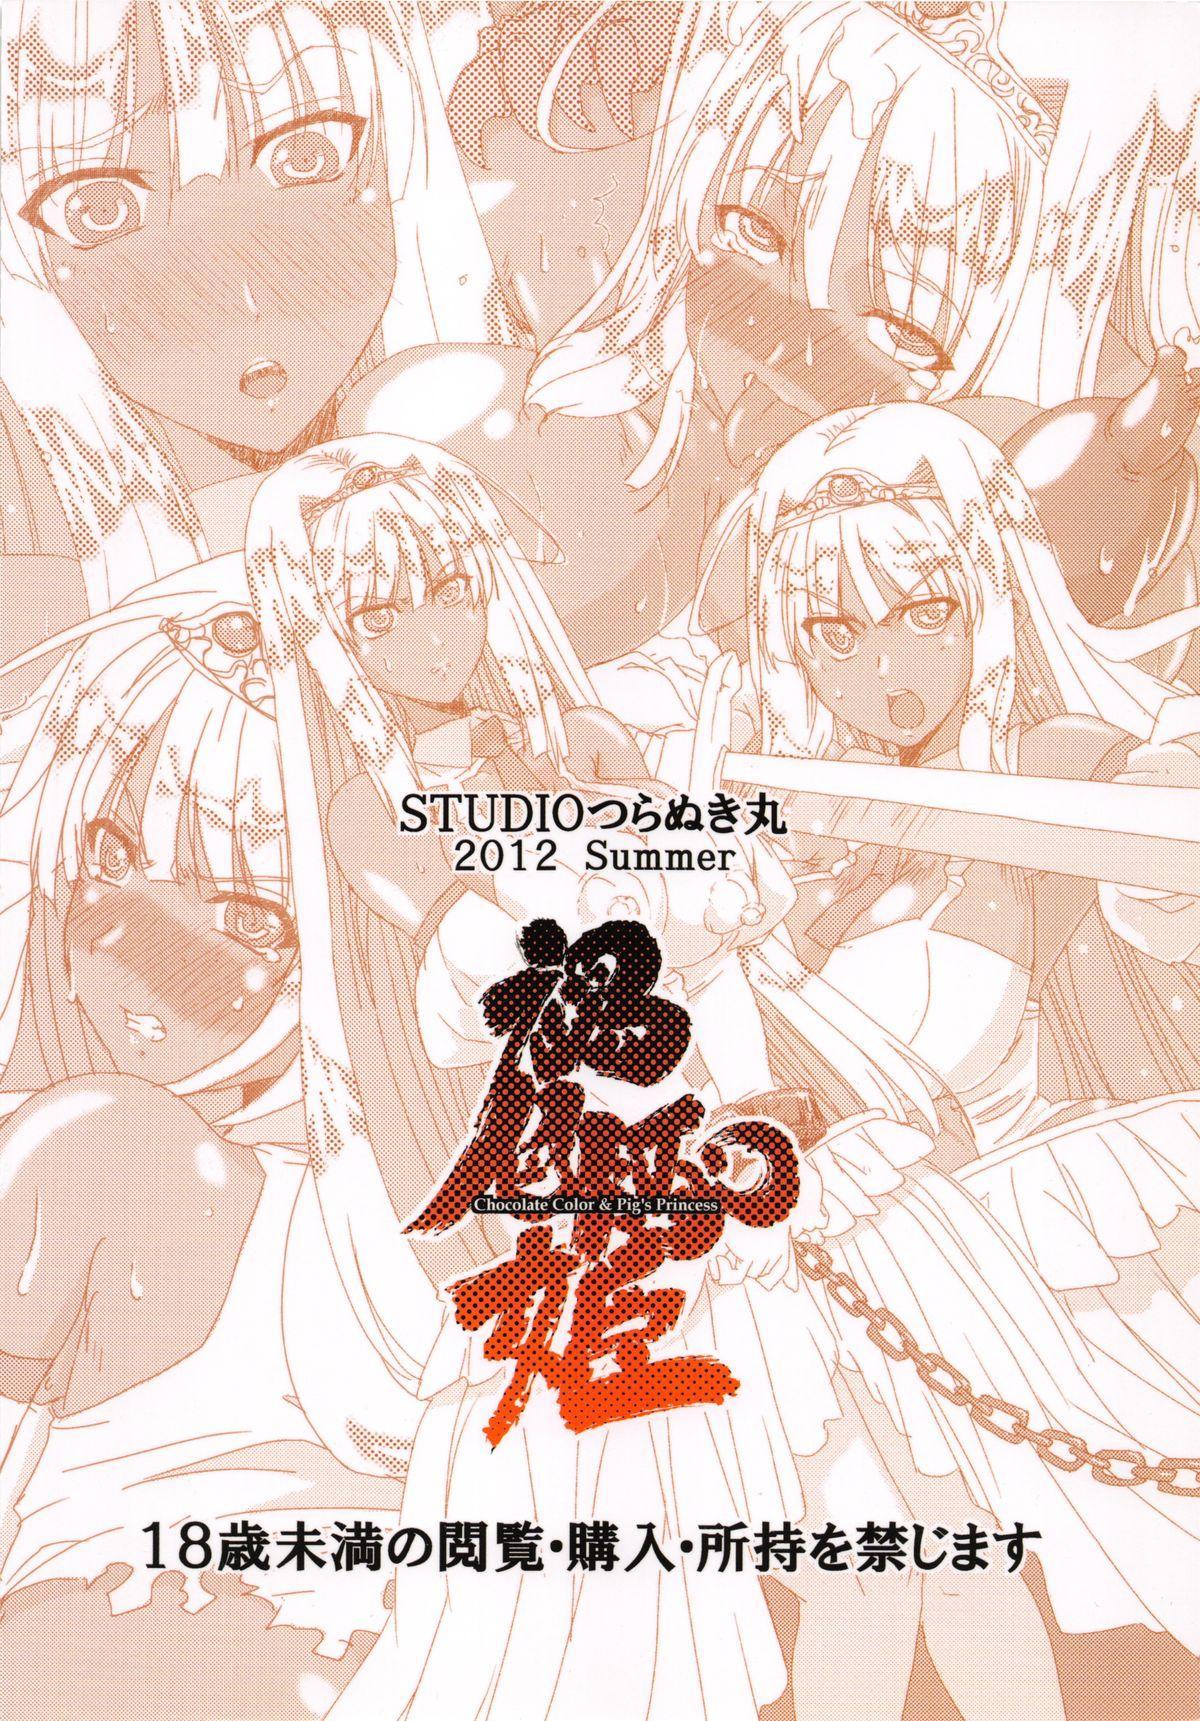 Kasshoku ButaHime - Chocolate Color & Pig's Princess 25